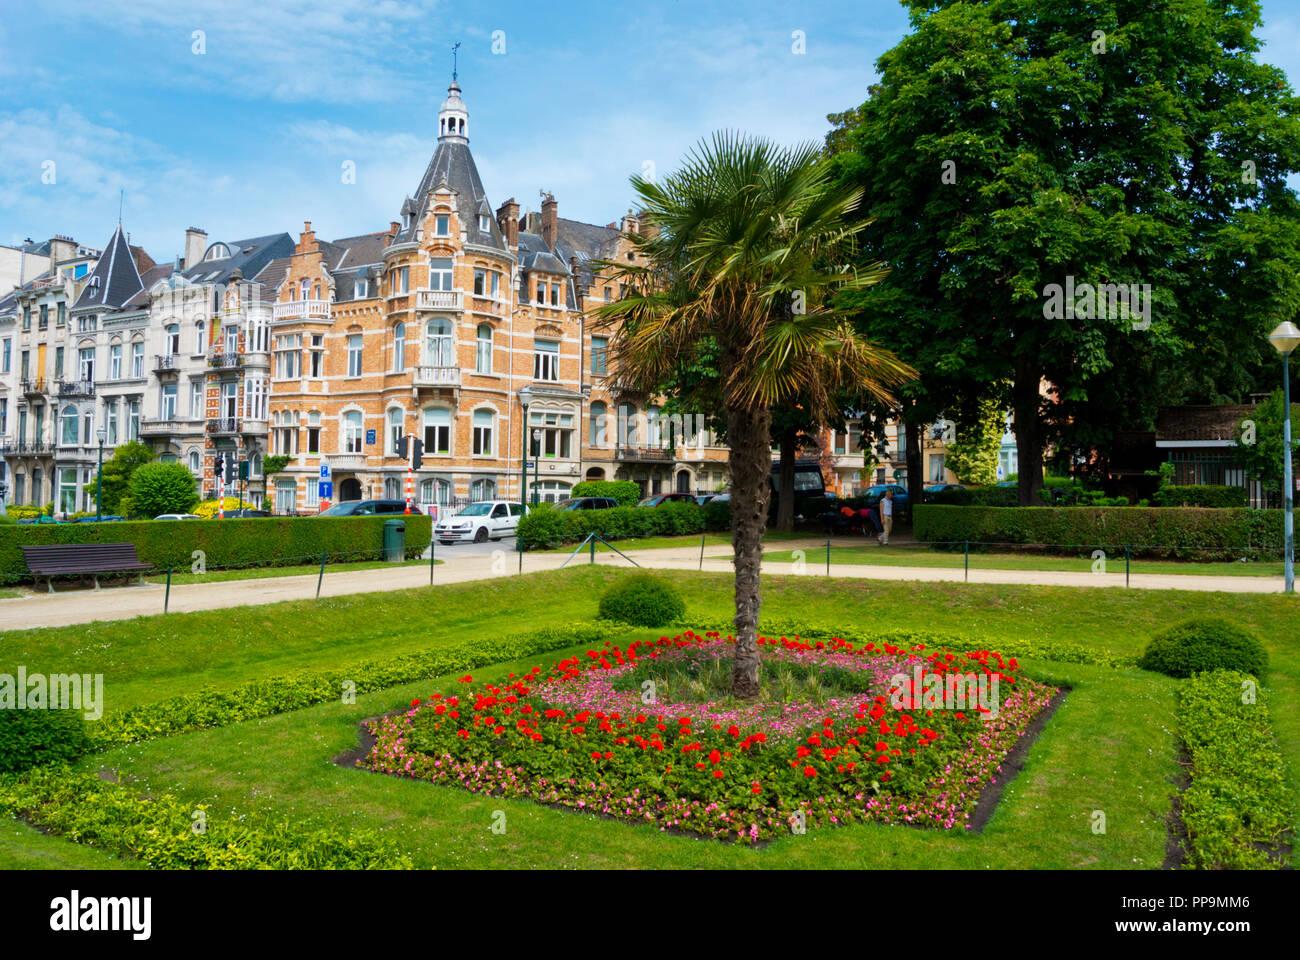 Ambiorix Square, Quartier des Squares, Brussels, Belgium - Stock Image